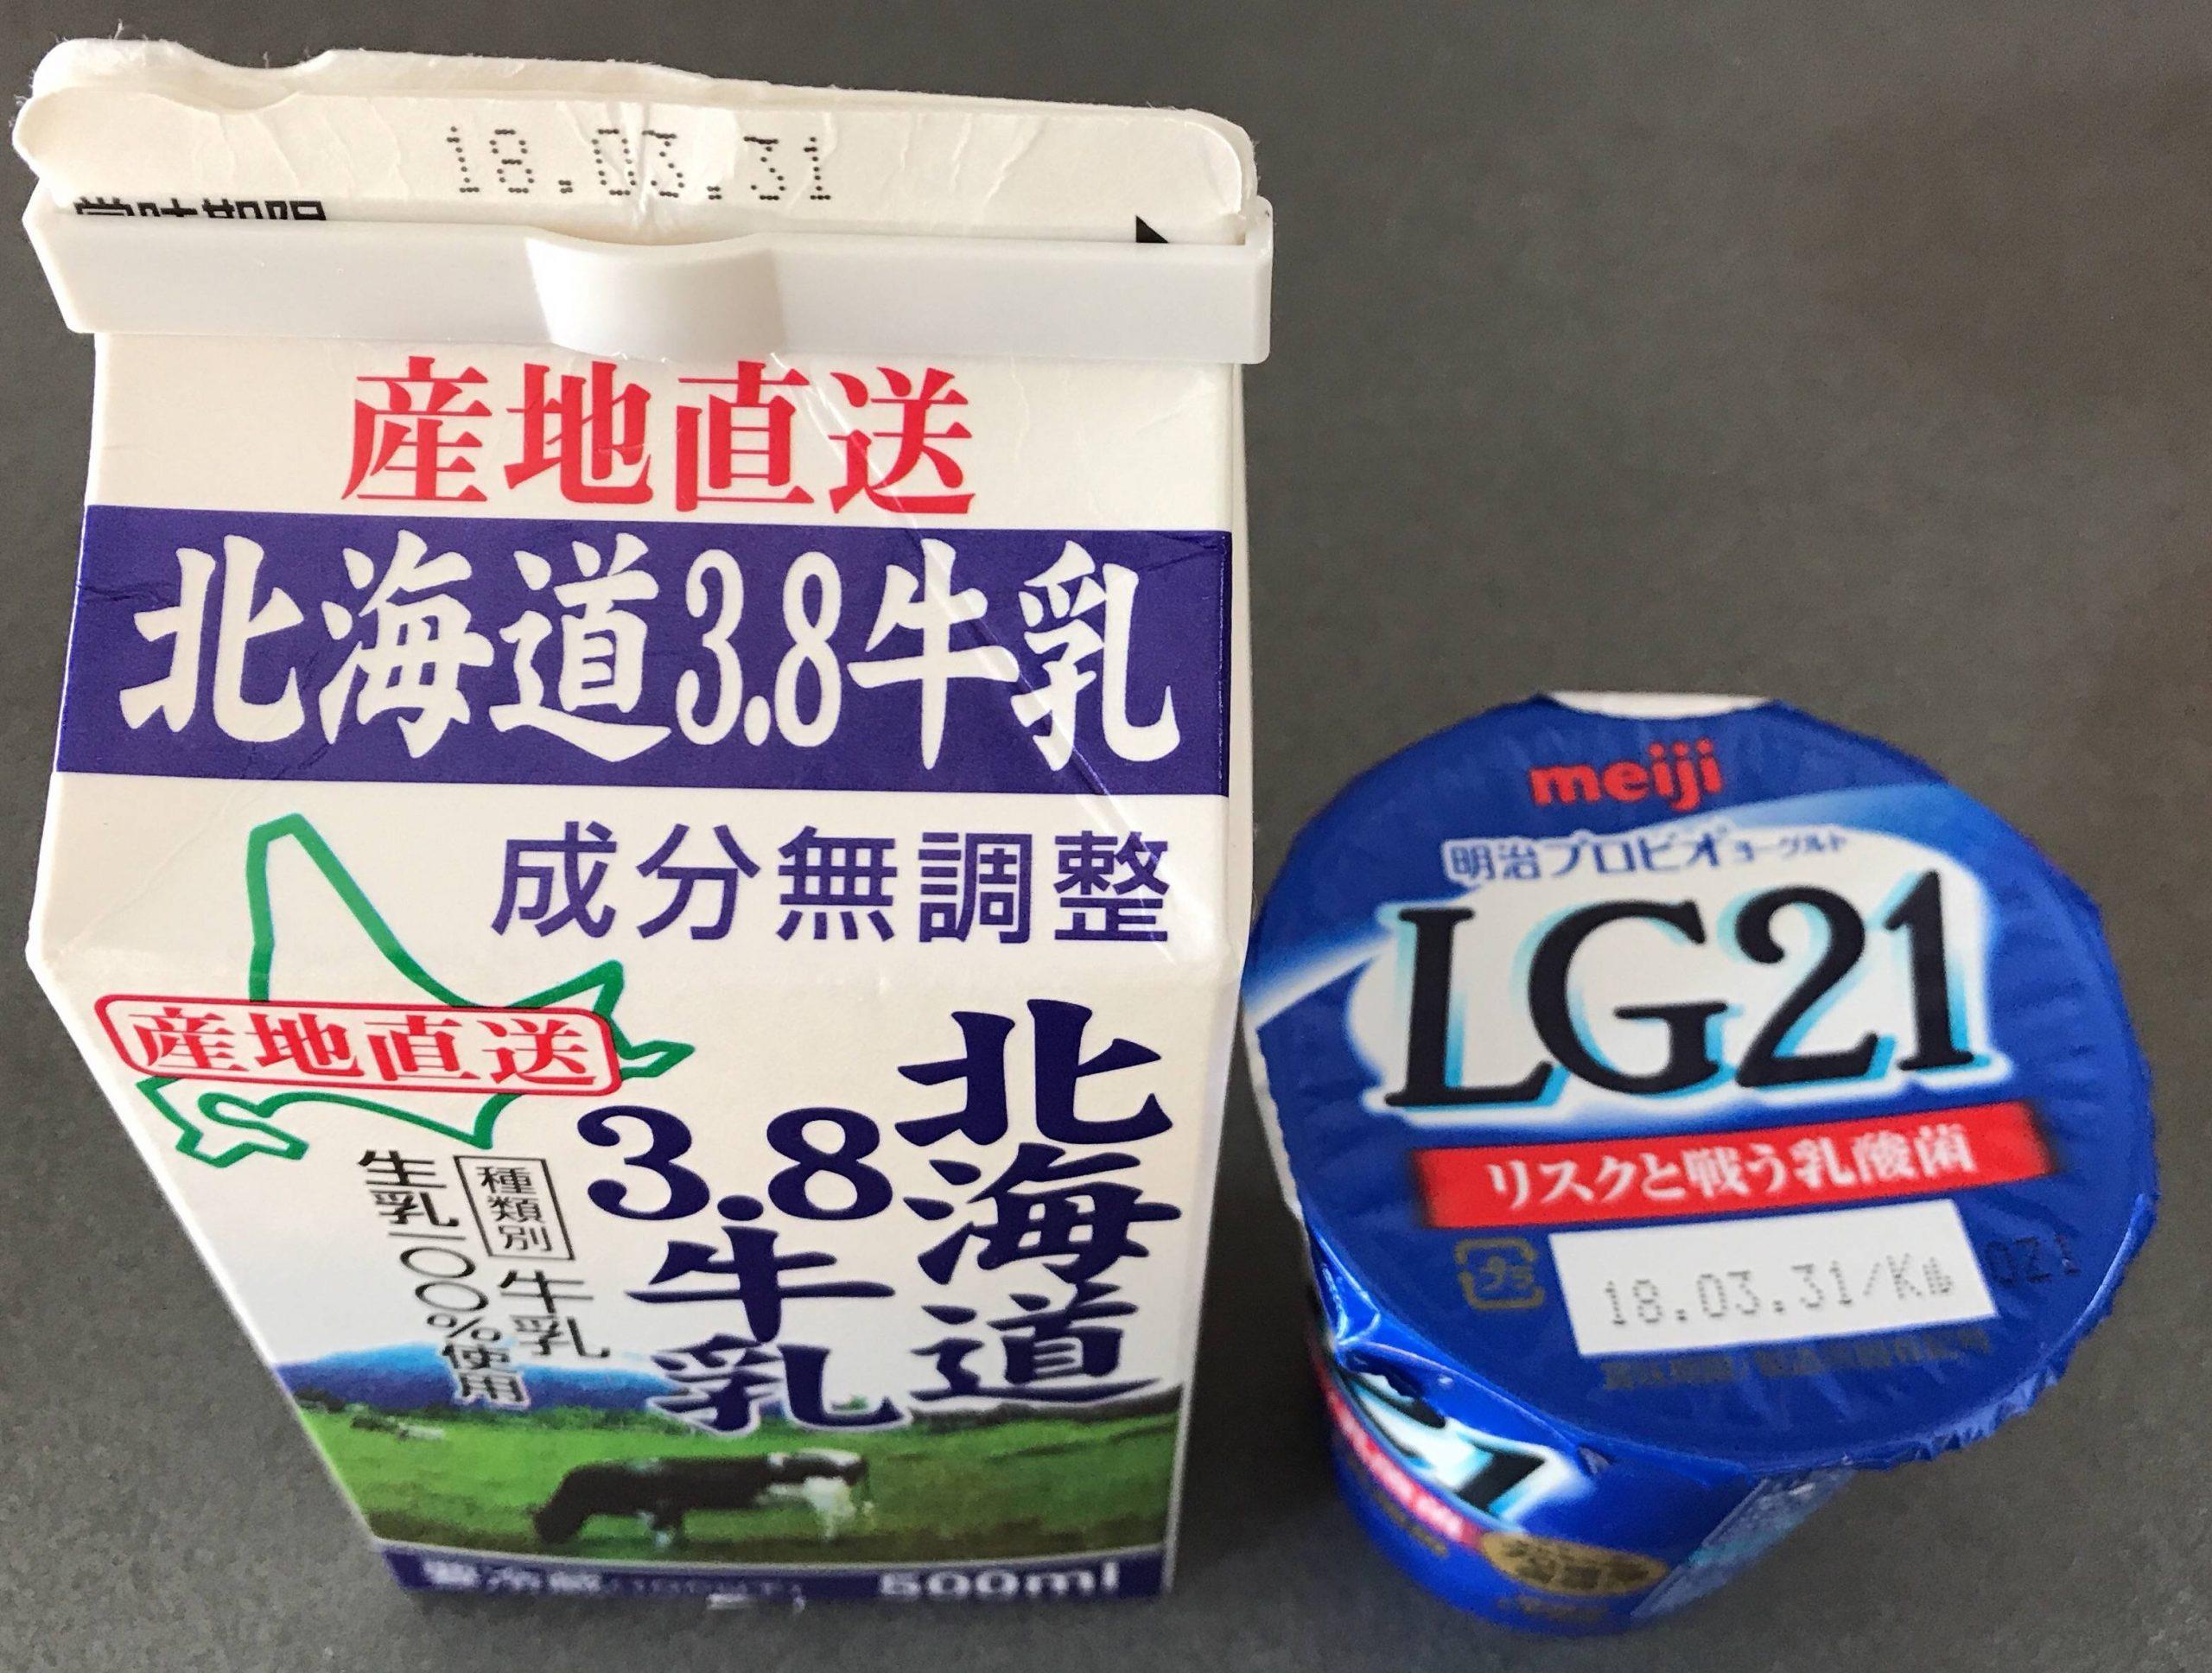 LG21菌は増えにくい